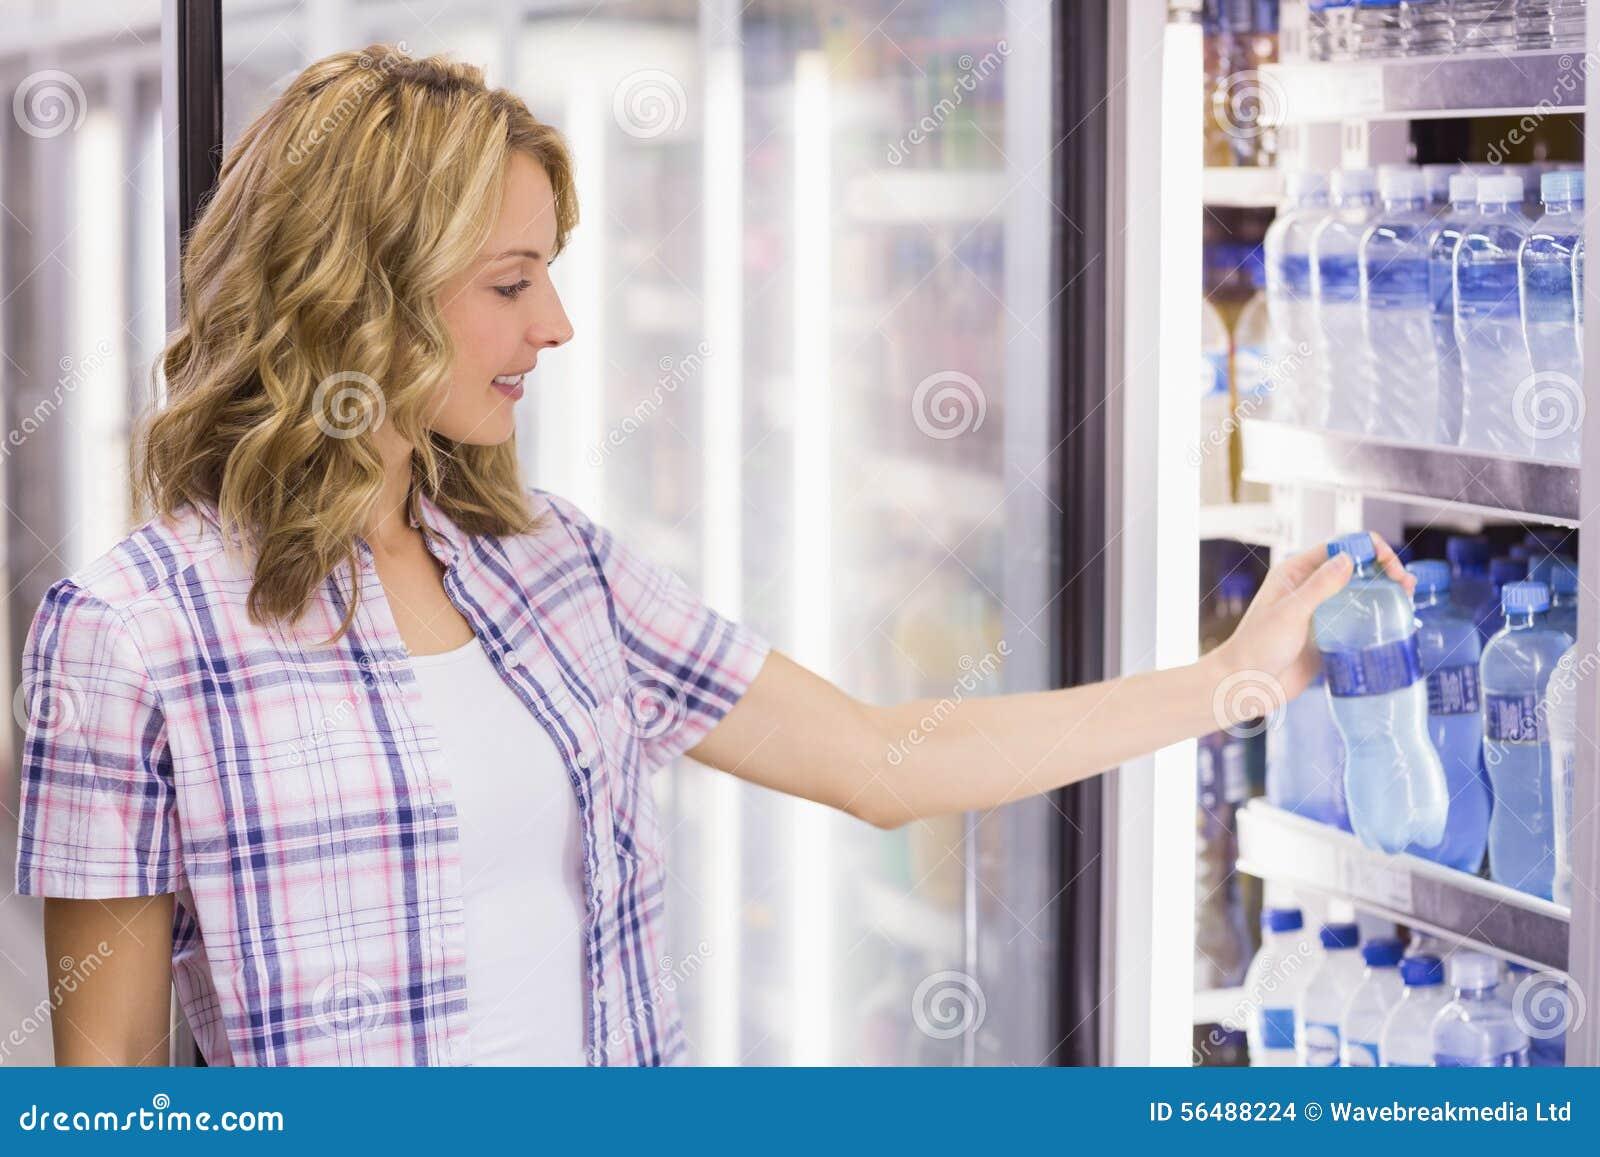 Sourire femme assez blonde prenant une bouteille d eau dans le supermarché